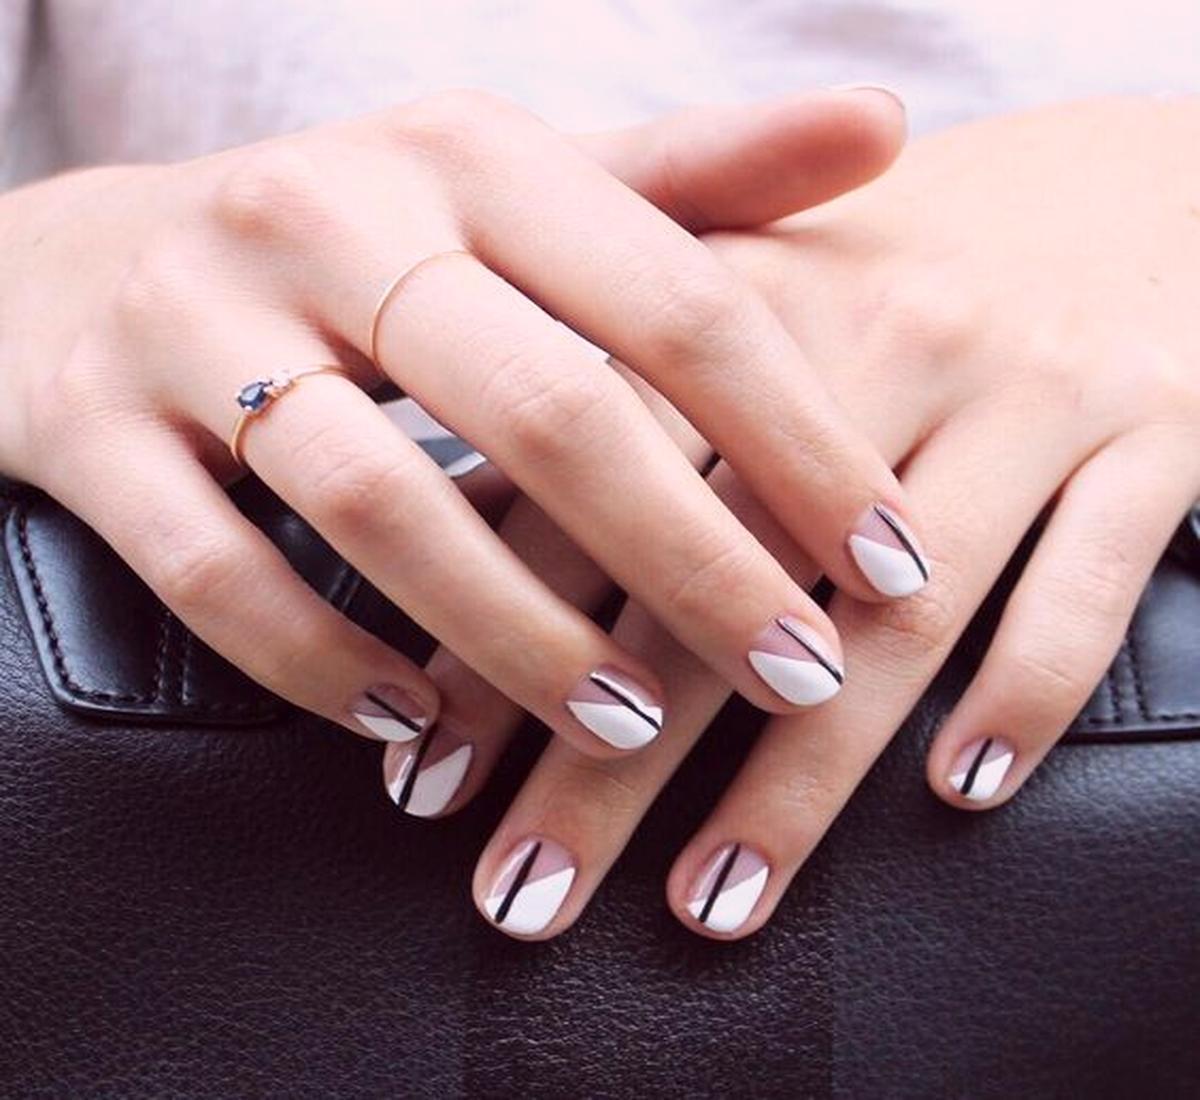 Модный тренд 2021: маникюр на коротких ногтях - Женский журнал